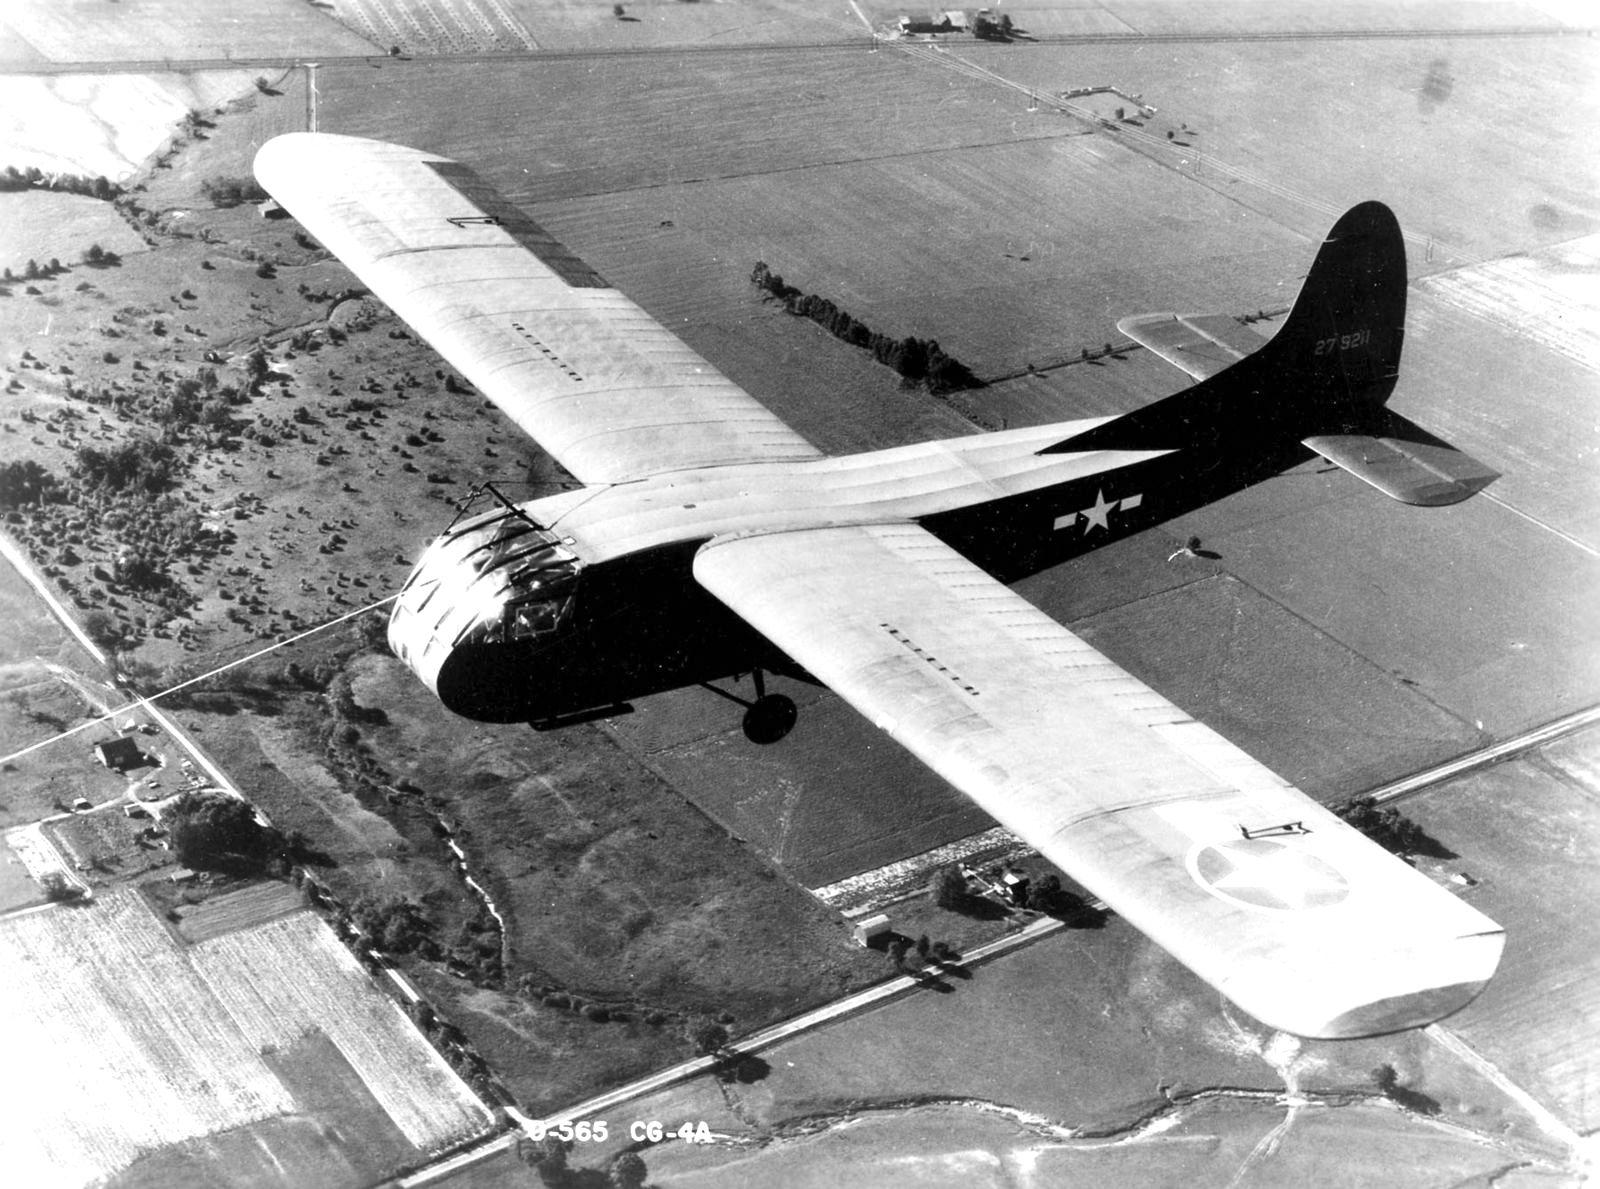 13 1600px-Waco_CG-4A_USAF